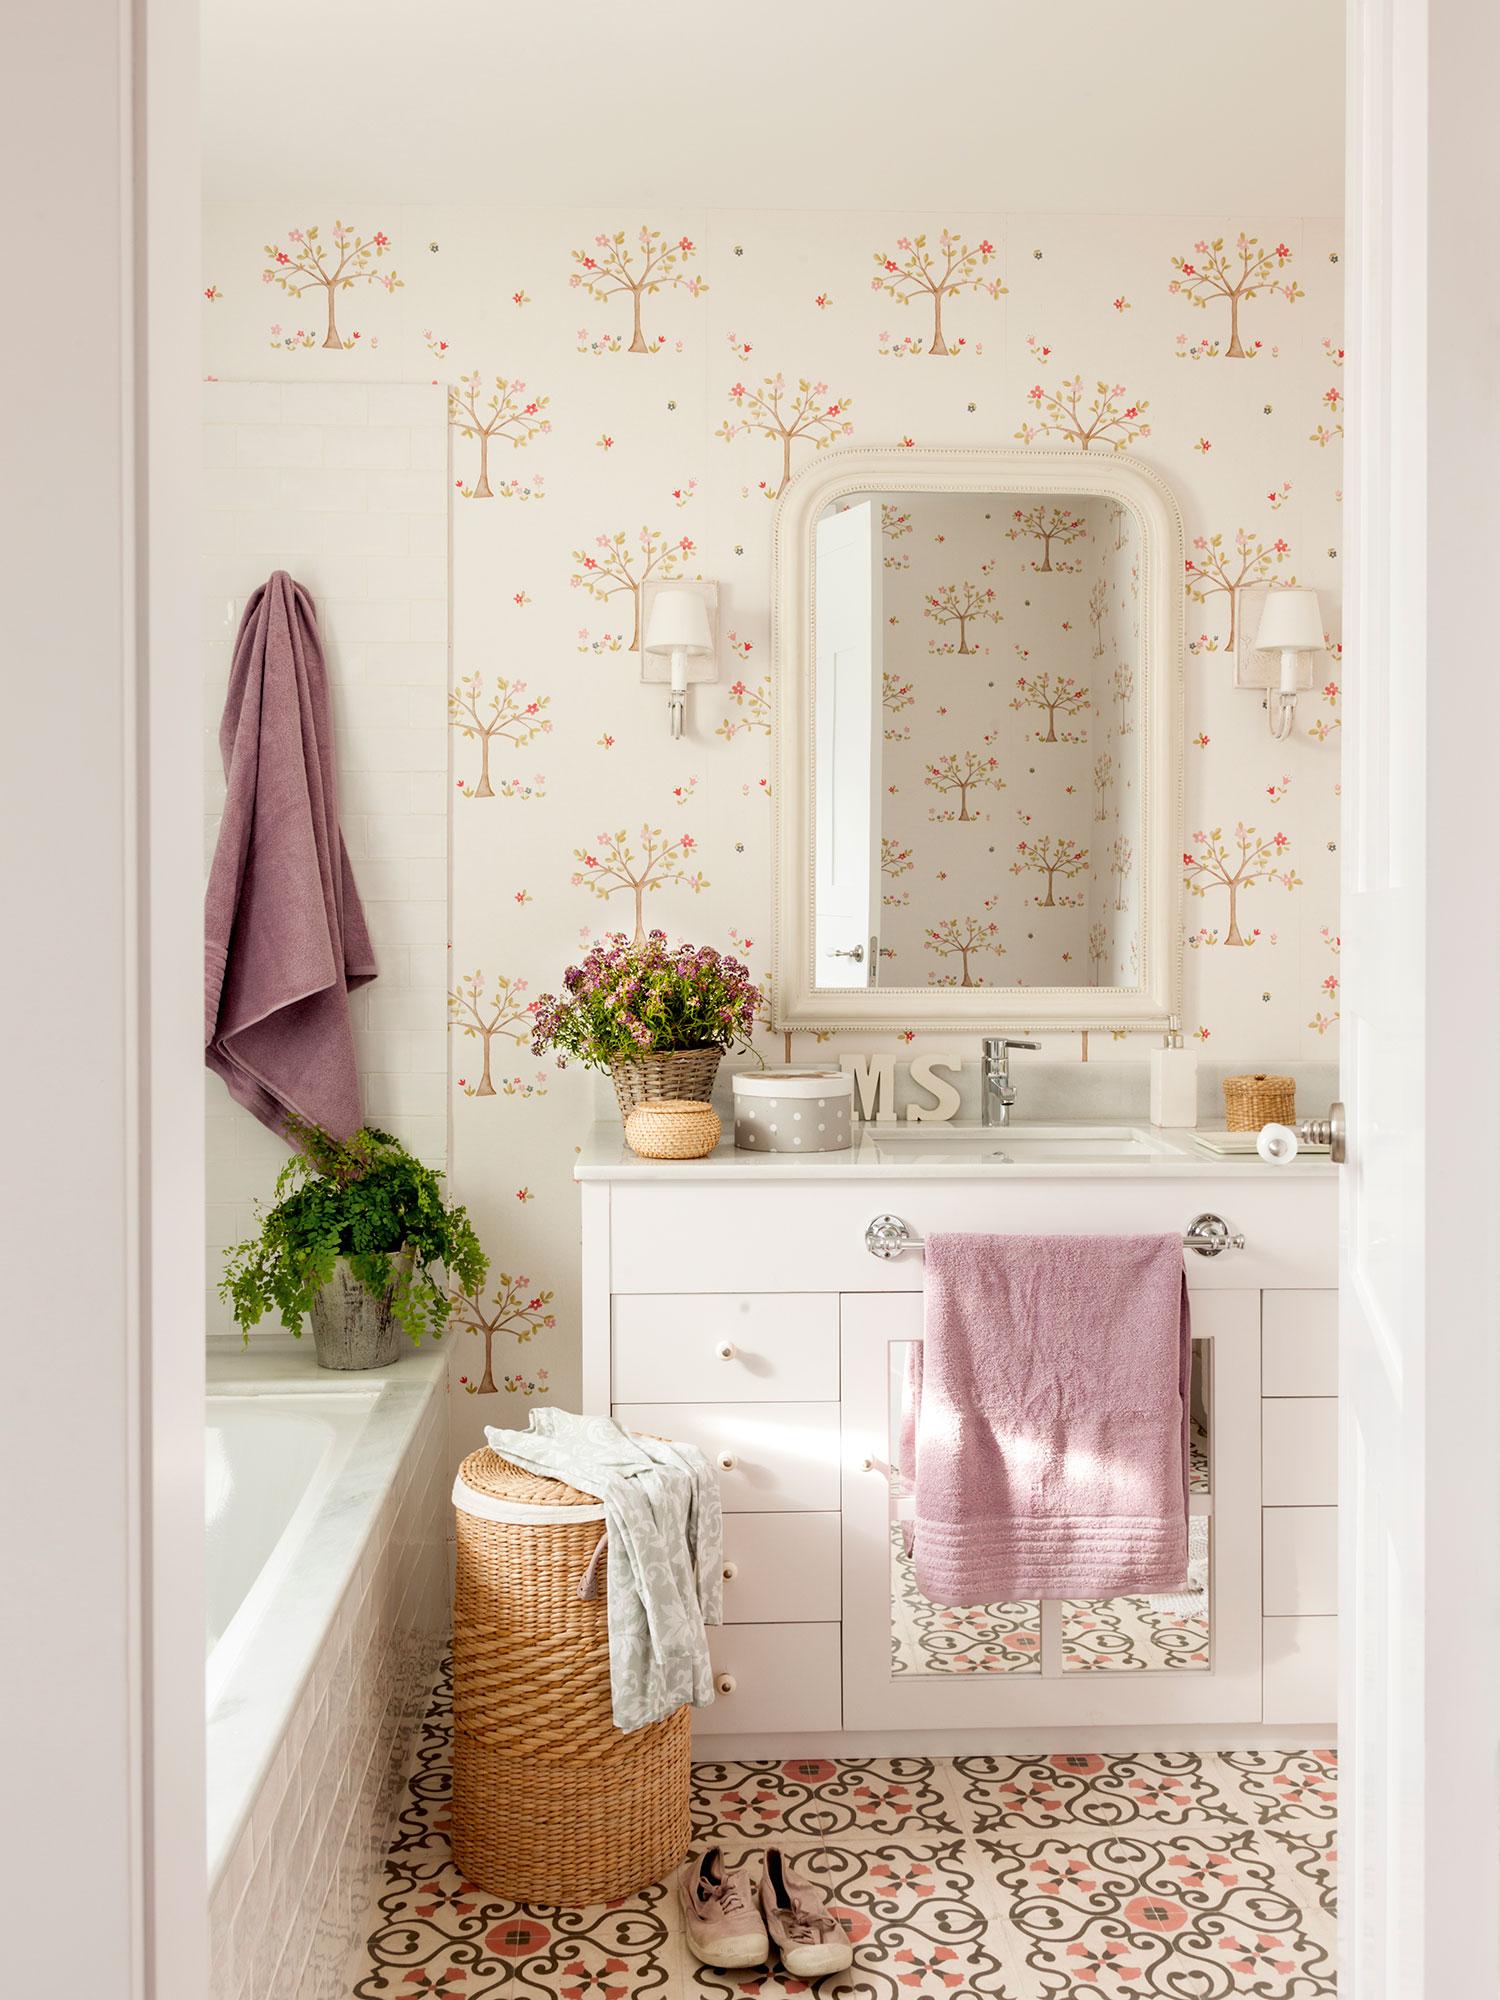 Baño con papel pintado con arbolitos en marrón y rosa. Y para el baño... ¡me pido papel pintado!